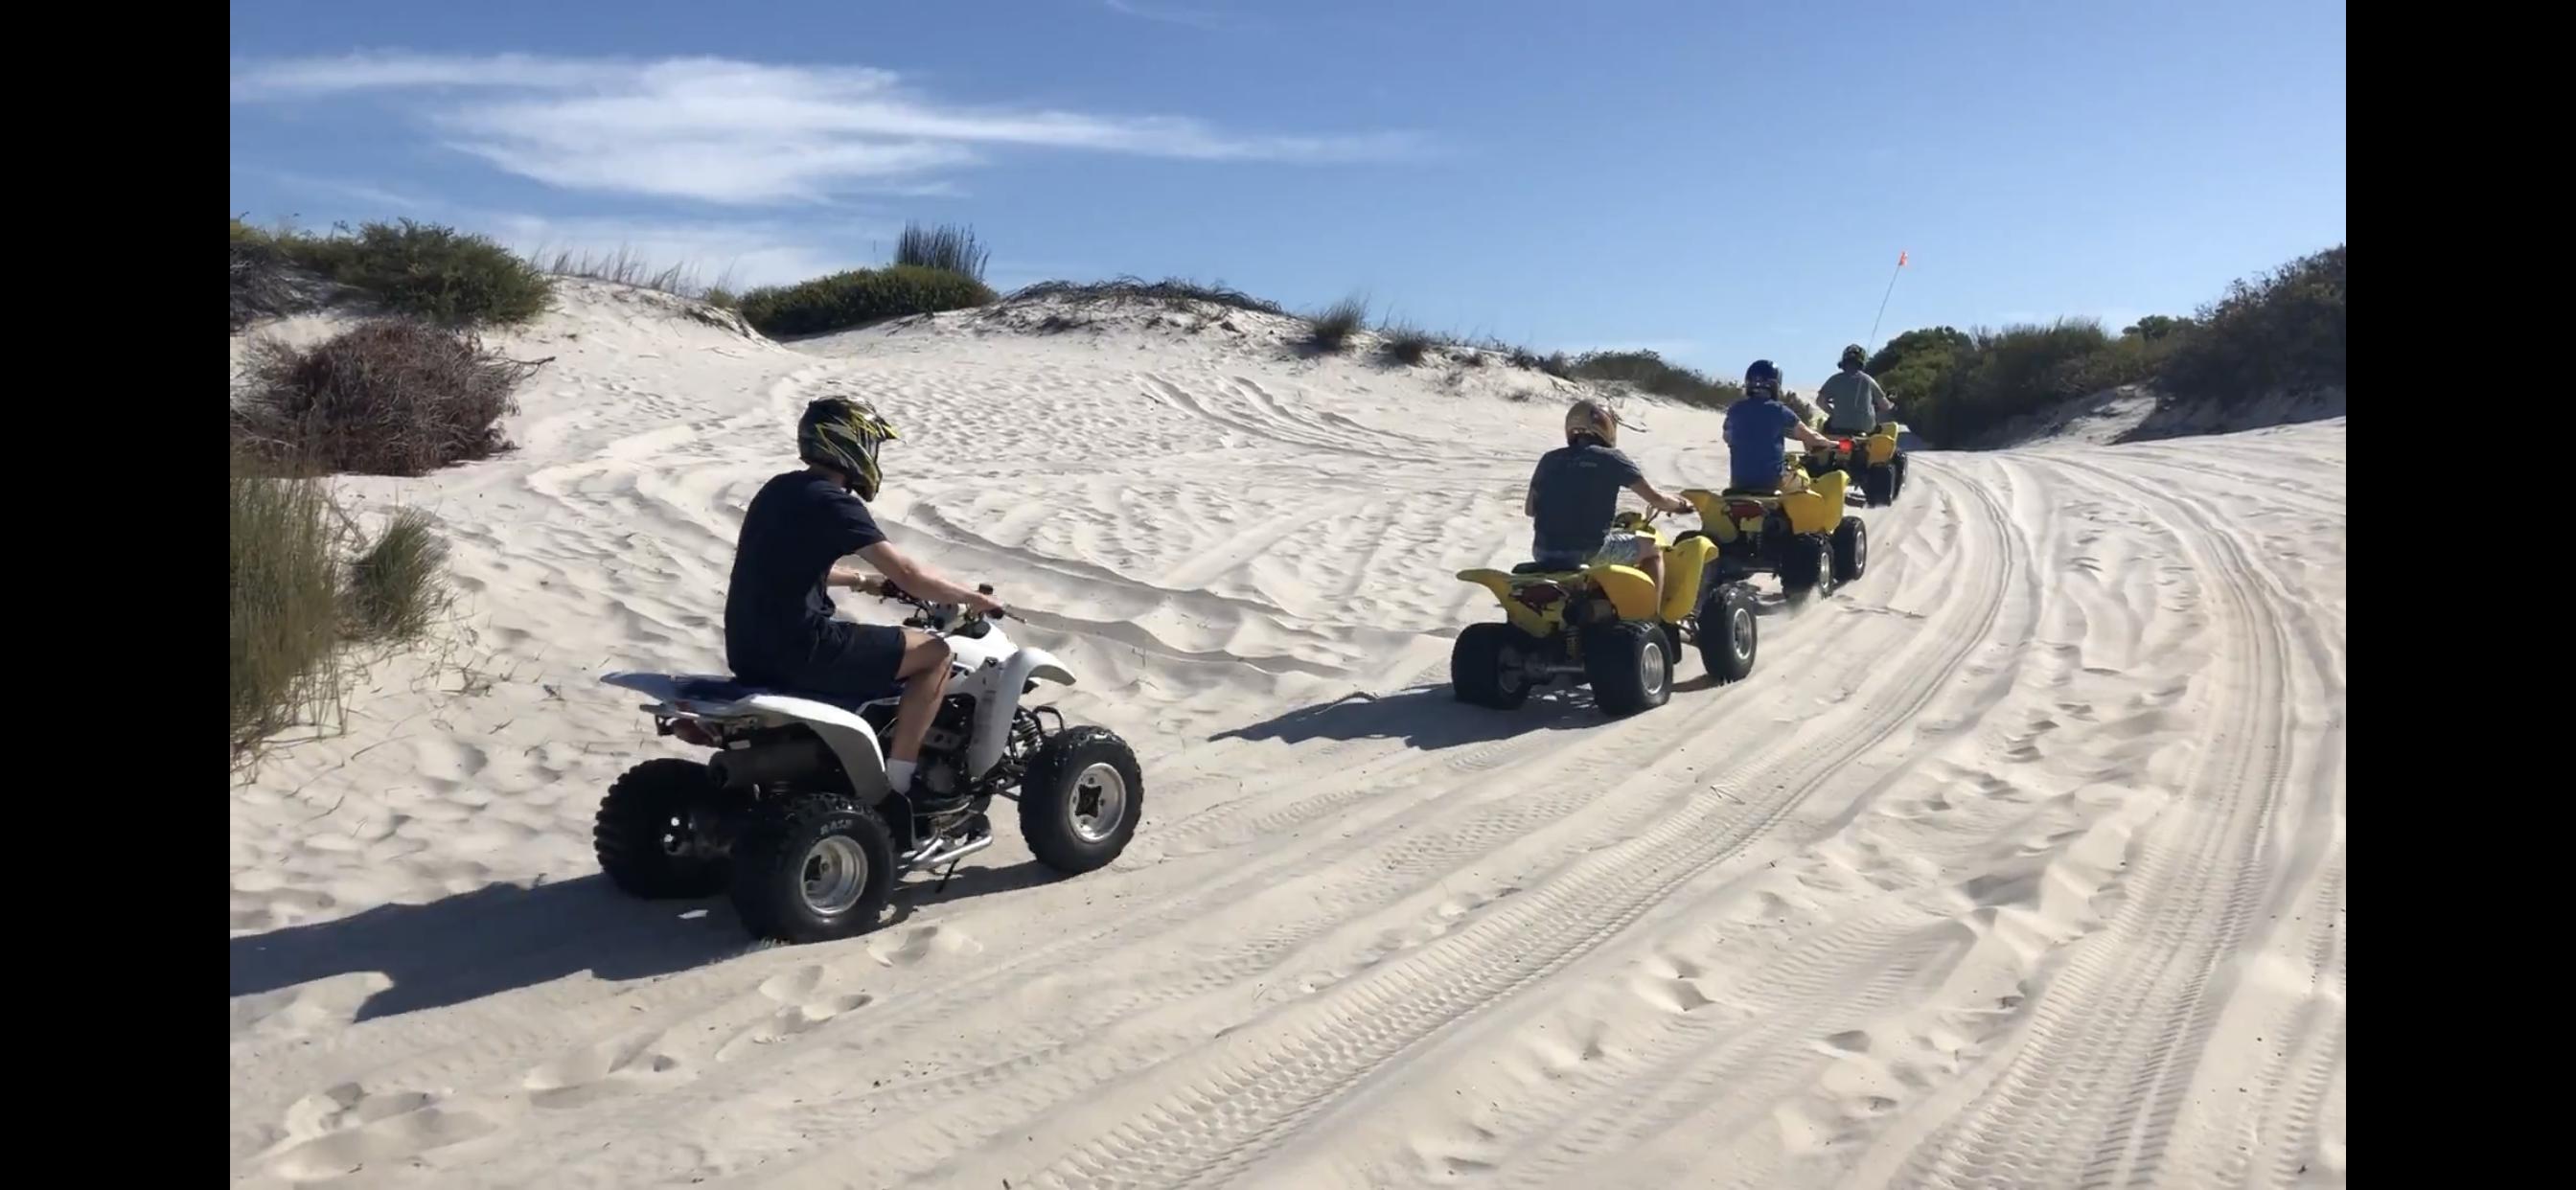 Quad Biking in the dunes